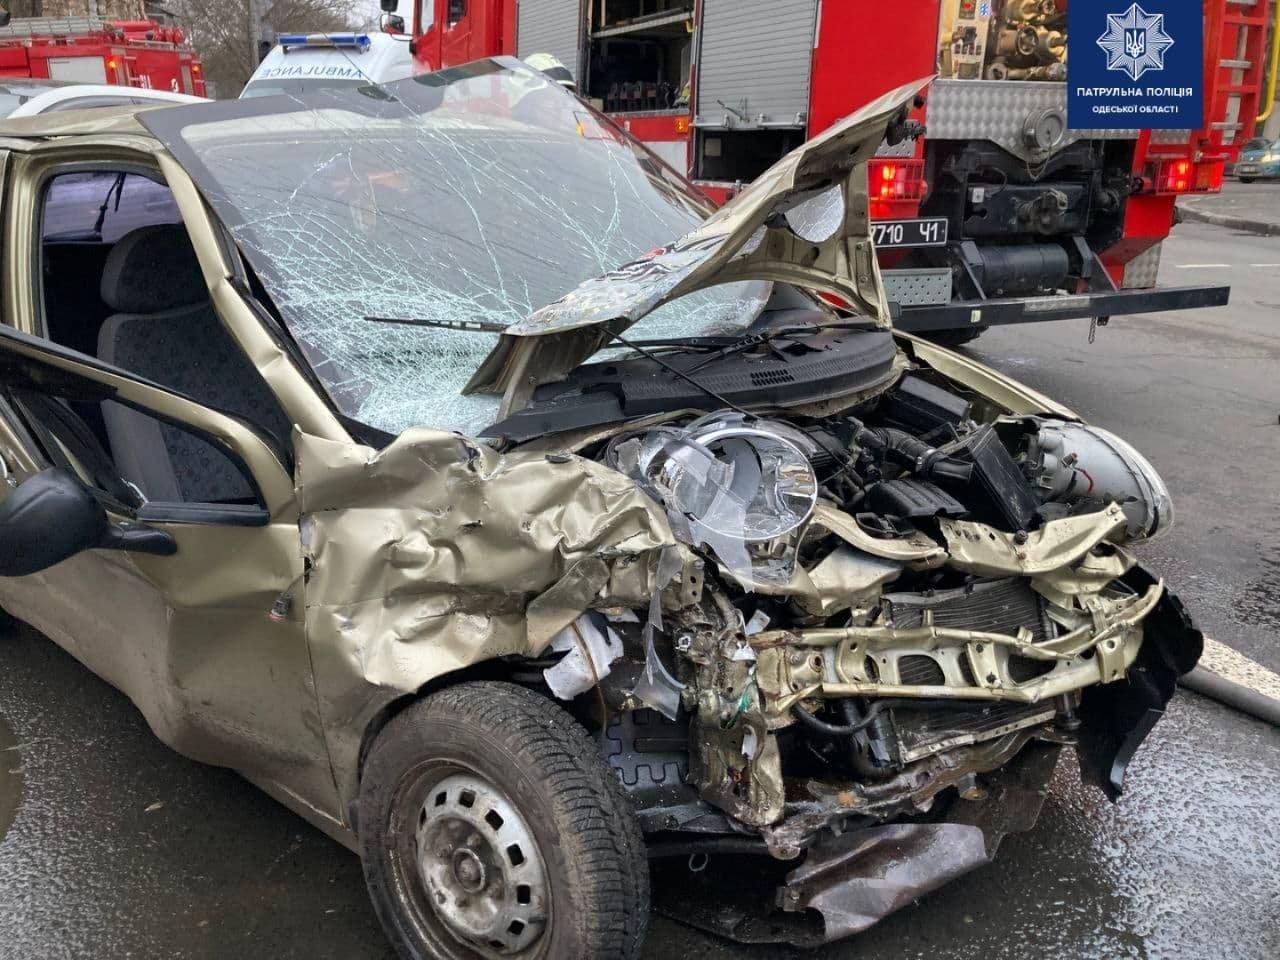 Серьёзное ДТП в Одессе: пострадал ребёнок и один из водителей, - ФОТО, фото-3